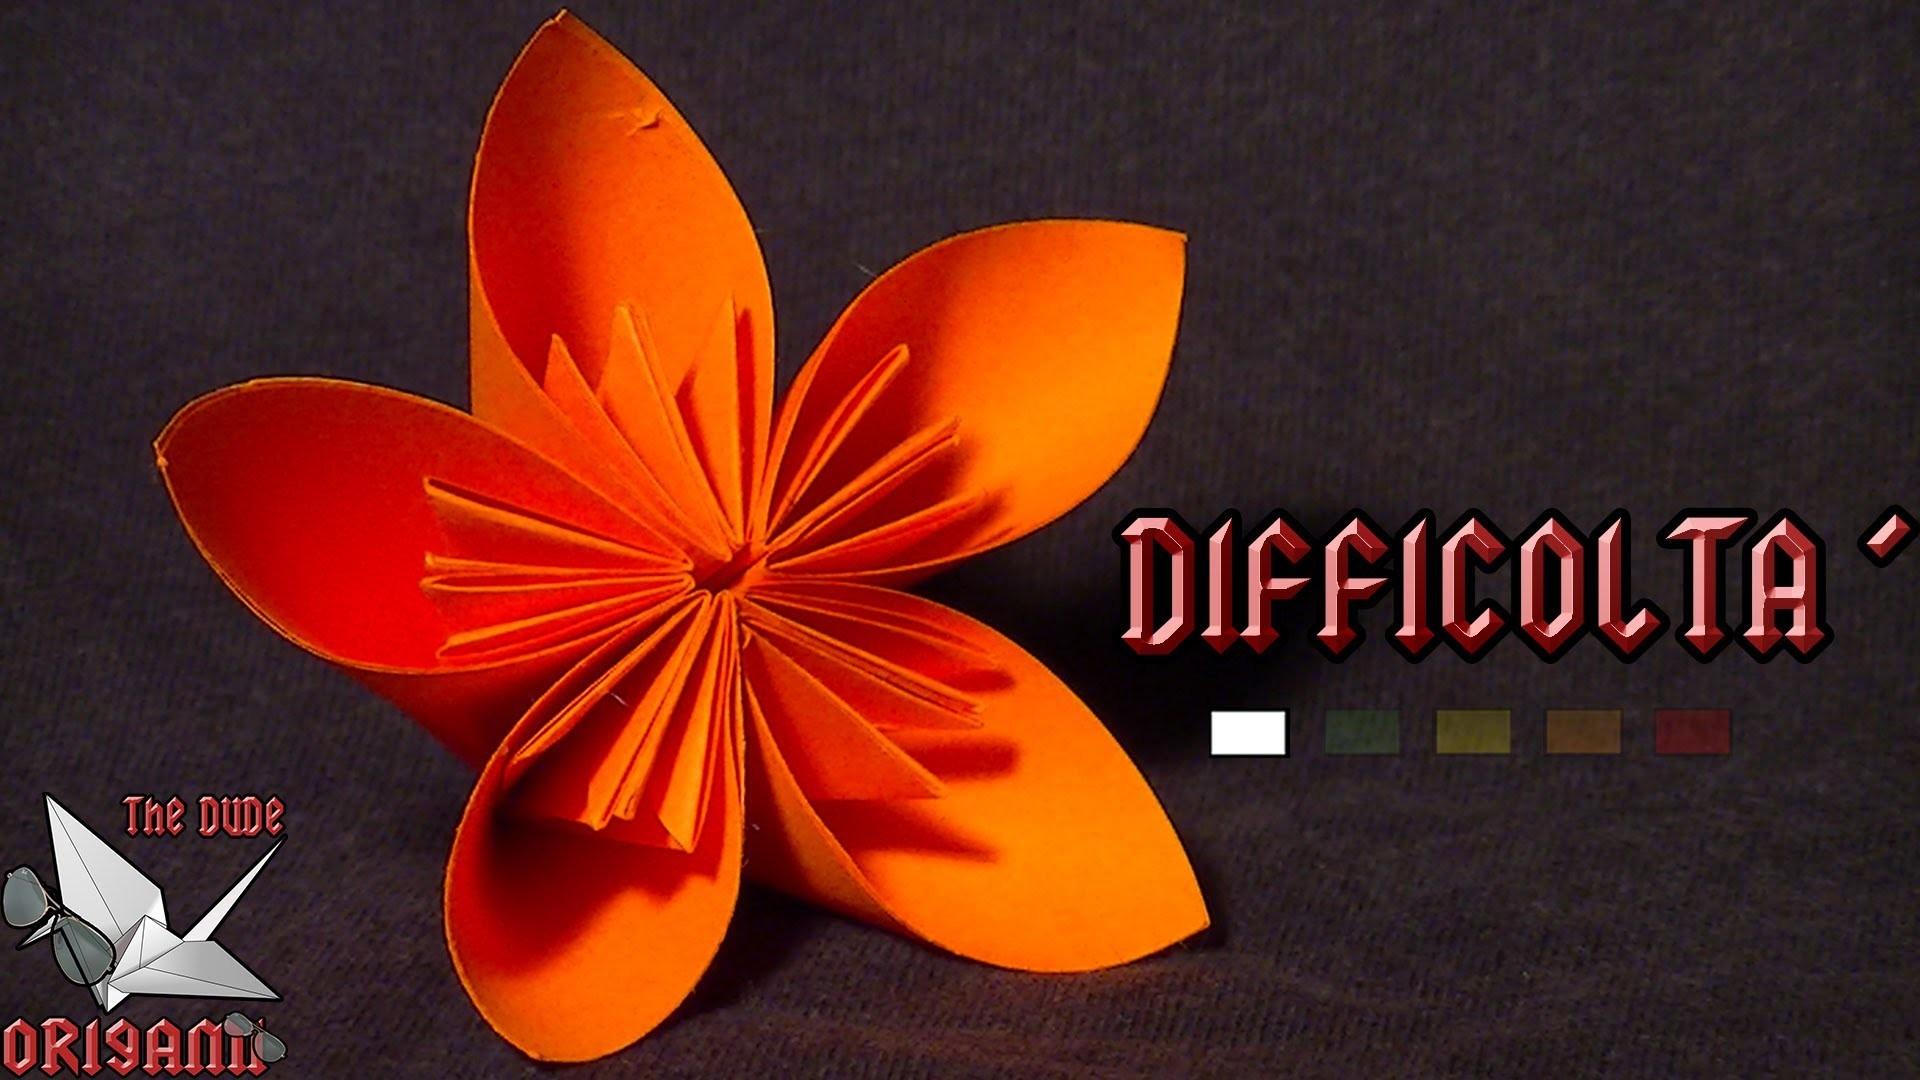 [ORIGAMI ITA] Semplicemente Fiore || Fiori.Origami Facili o Per Bambini